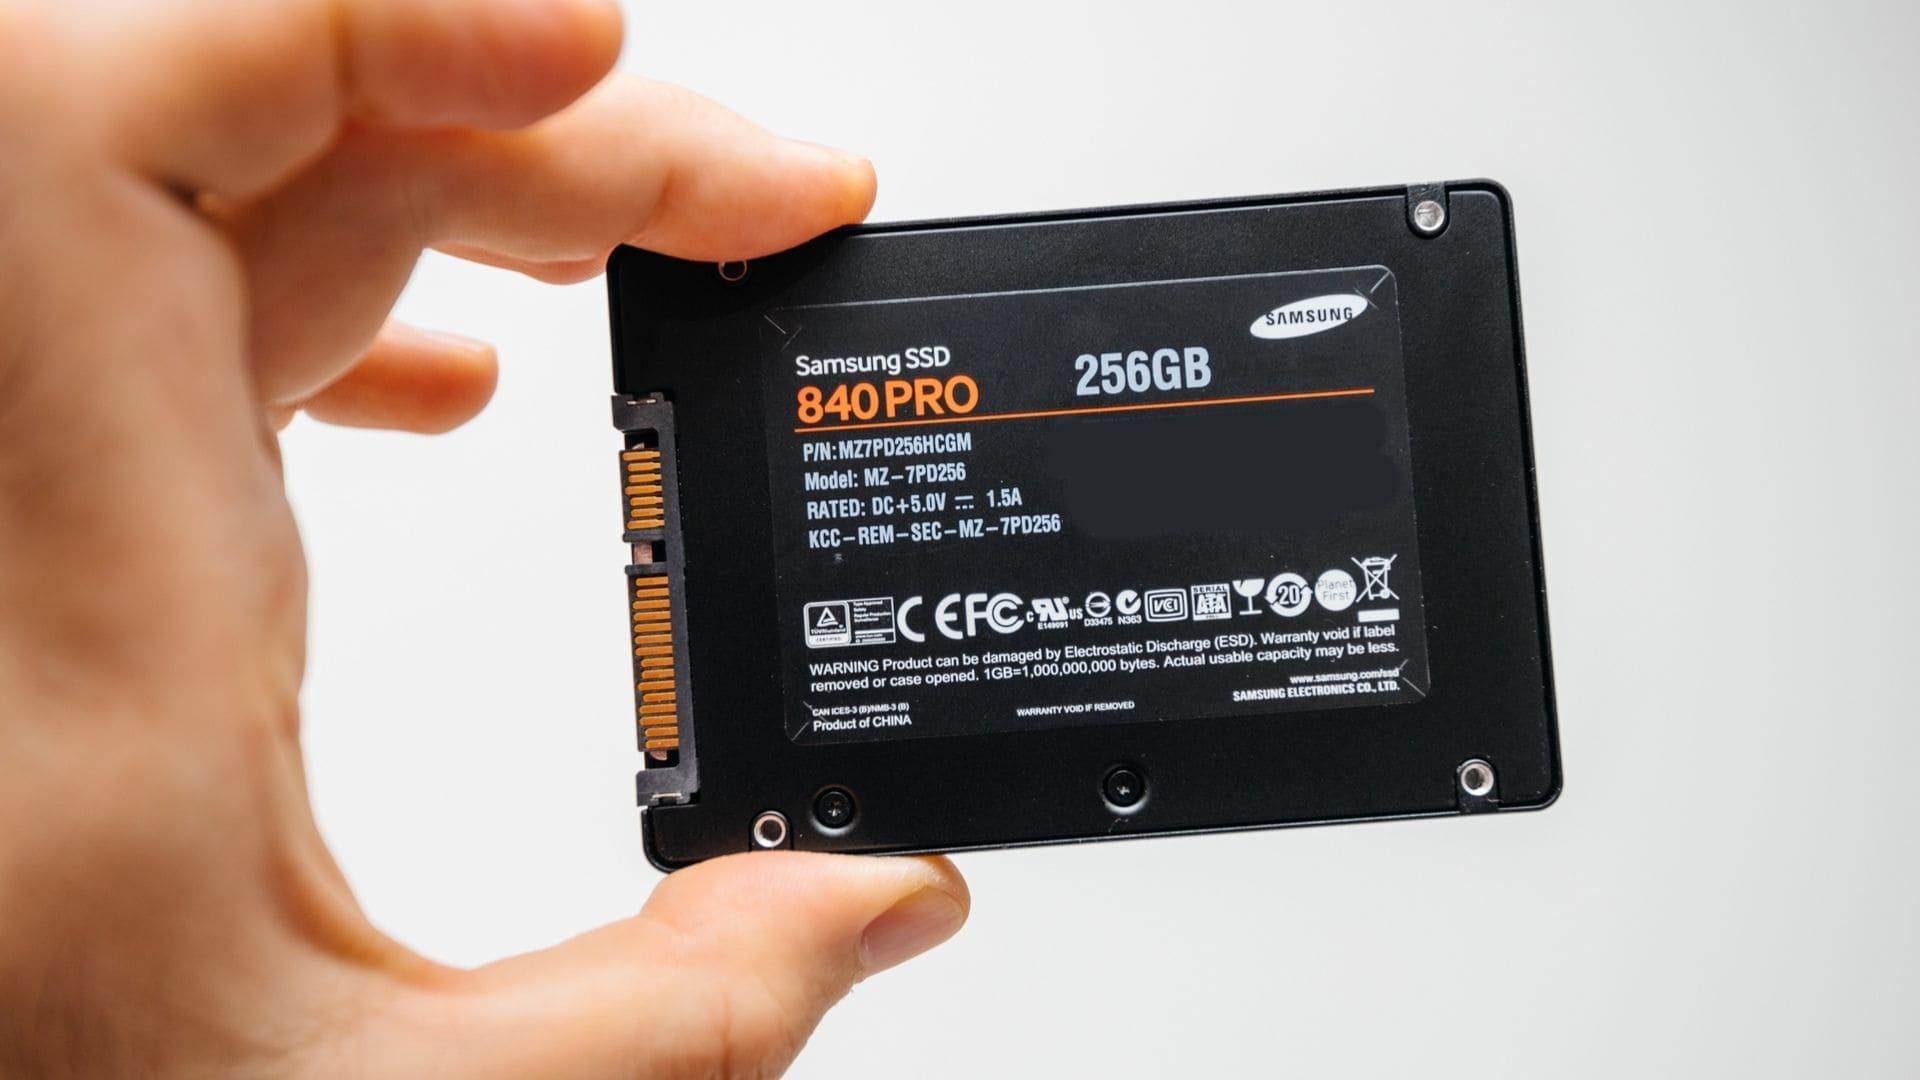 Mão segurando SSD 256GB Samsung 860 PRO preto